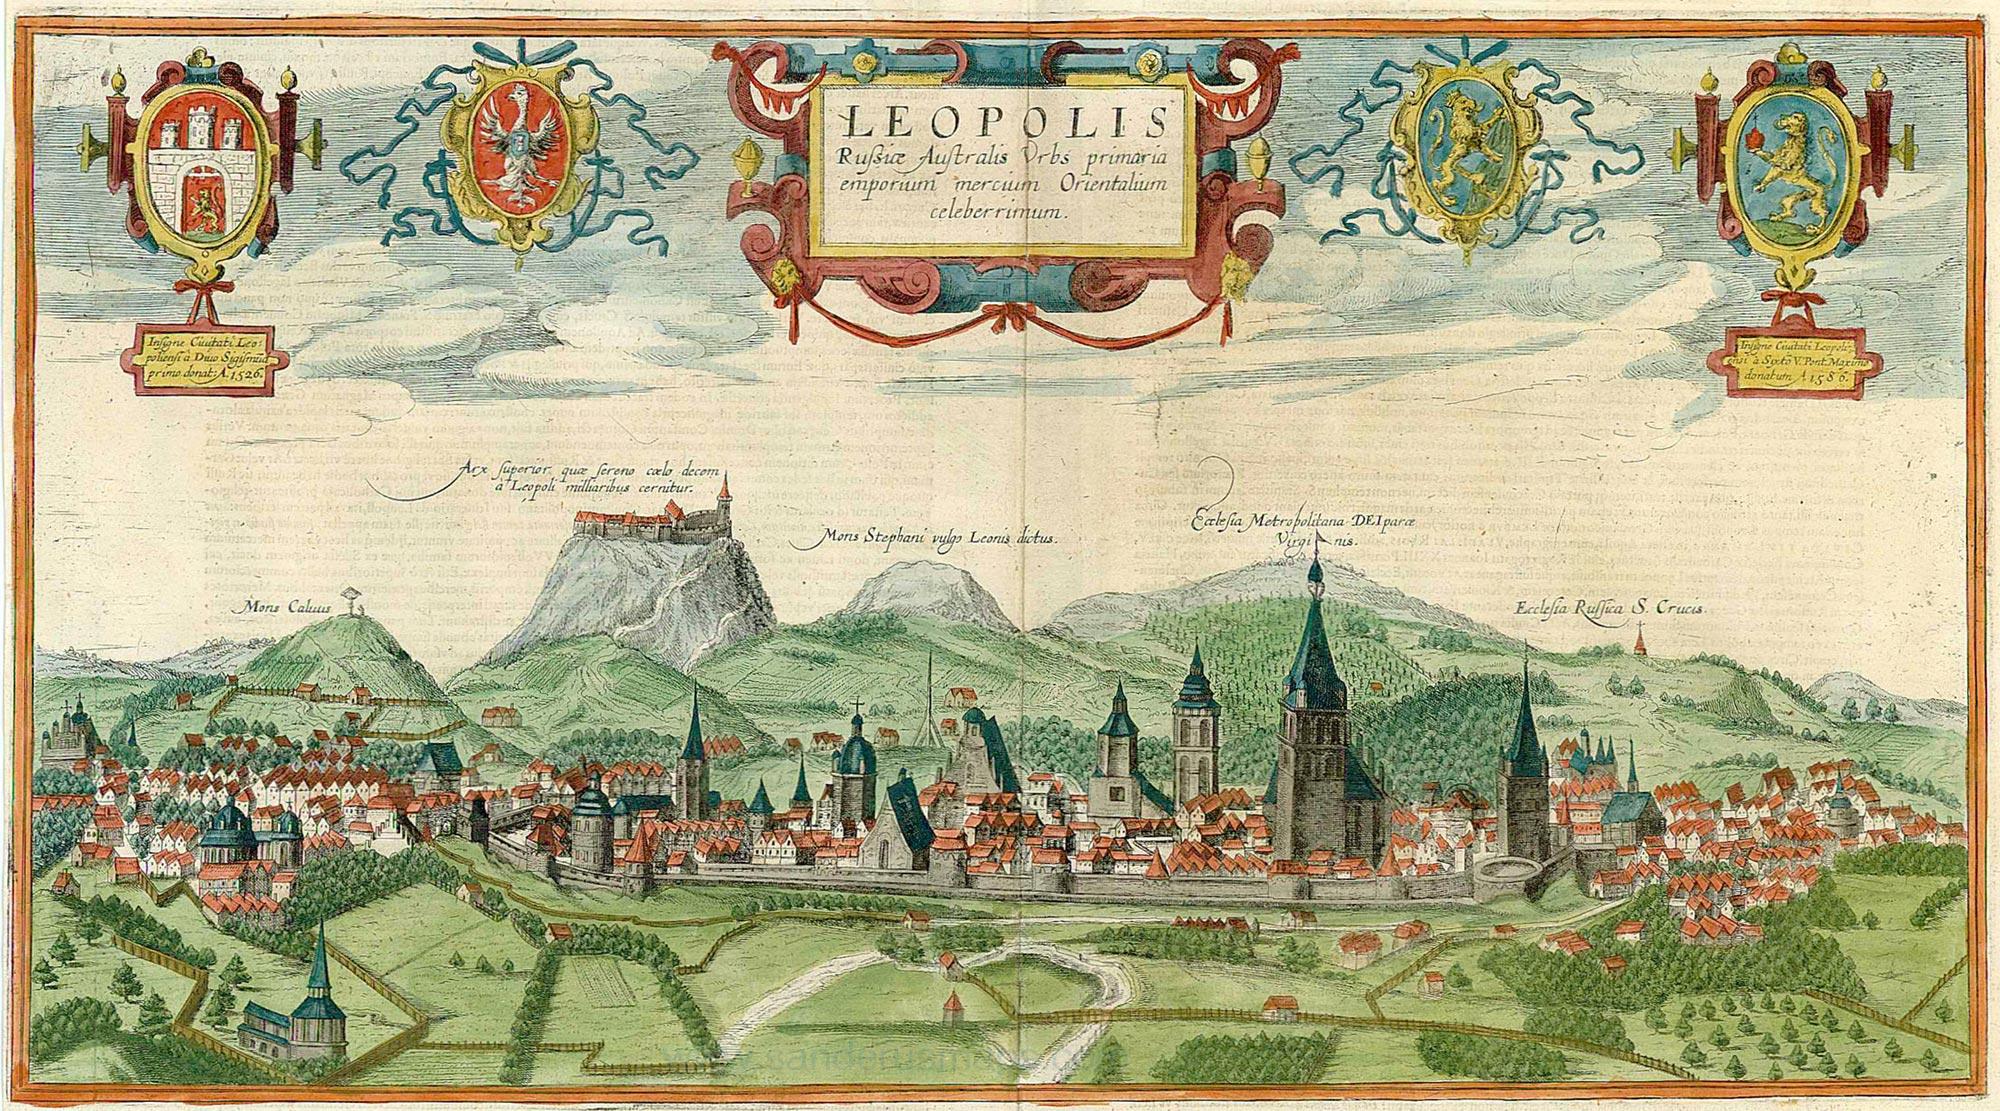 Leopolis - i mitten av Europa? 1